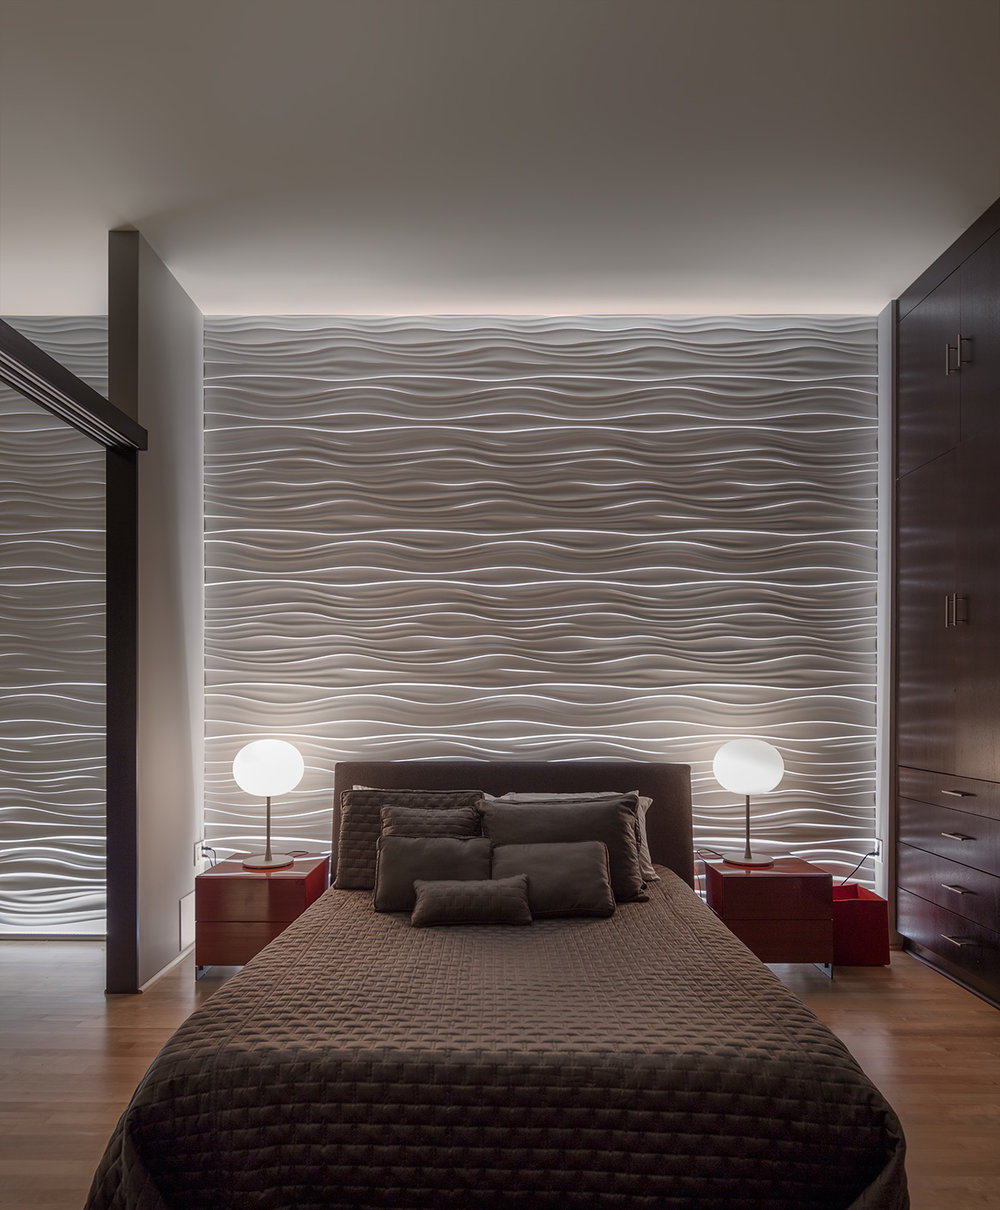 3a_Edge-JoshPartee-1511-3d-bedrm-lamps.jpg